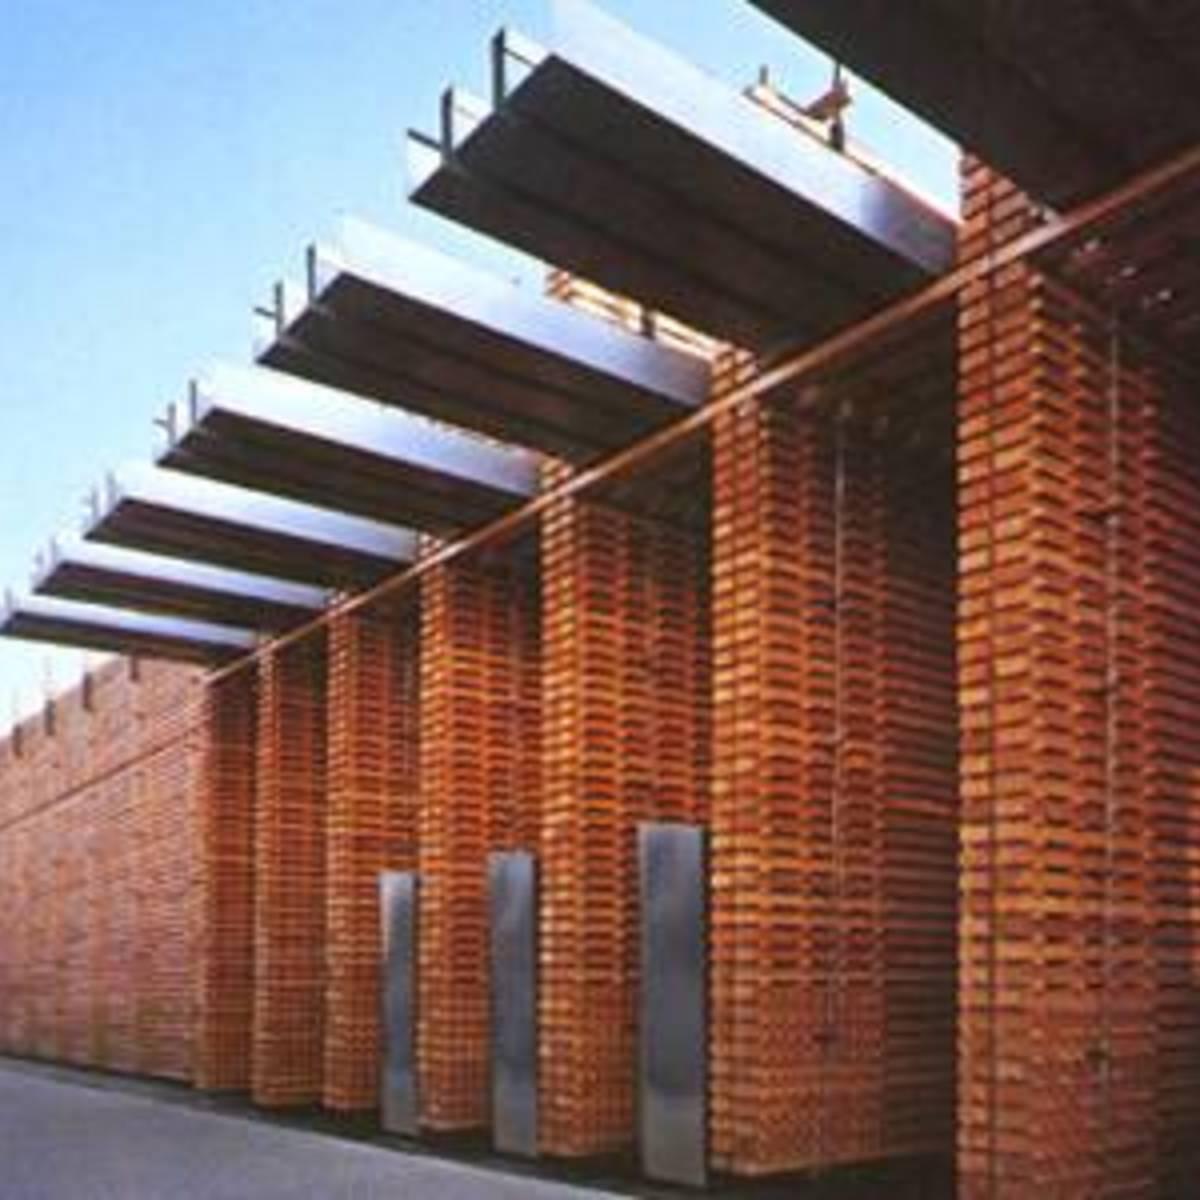 P. Zumthor Schweizer Pavillon an der Expo 2000 von Hannover